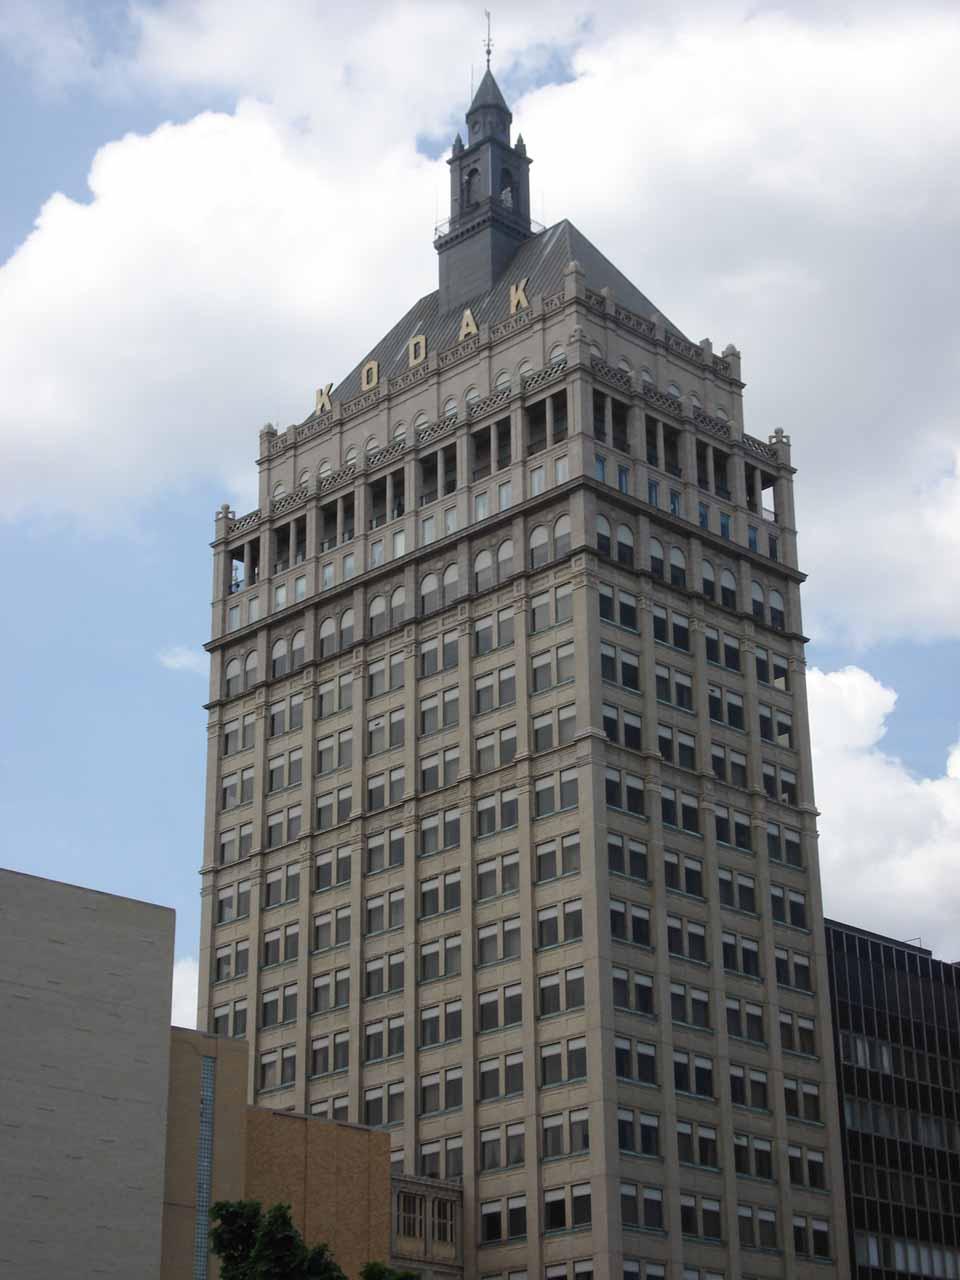 The Kodak Building